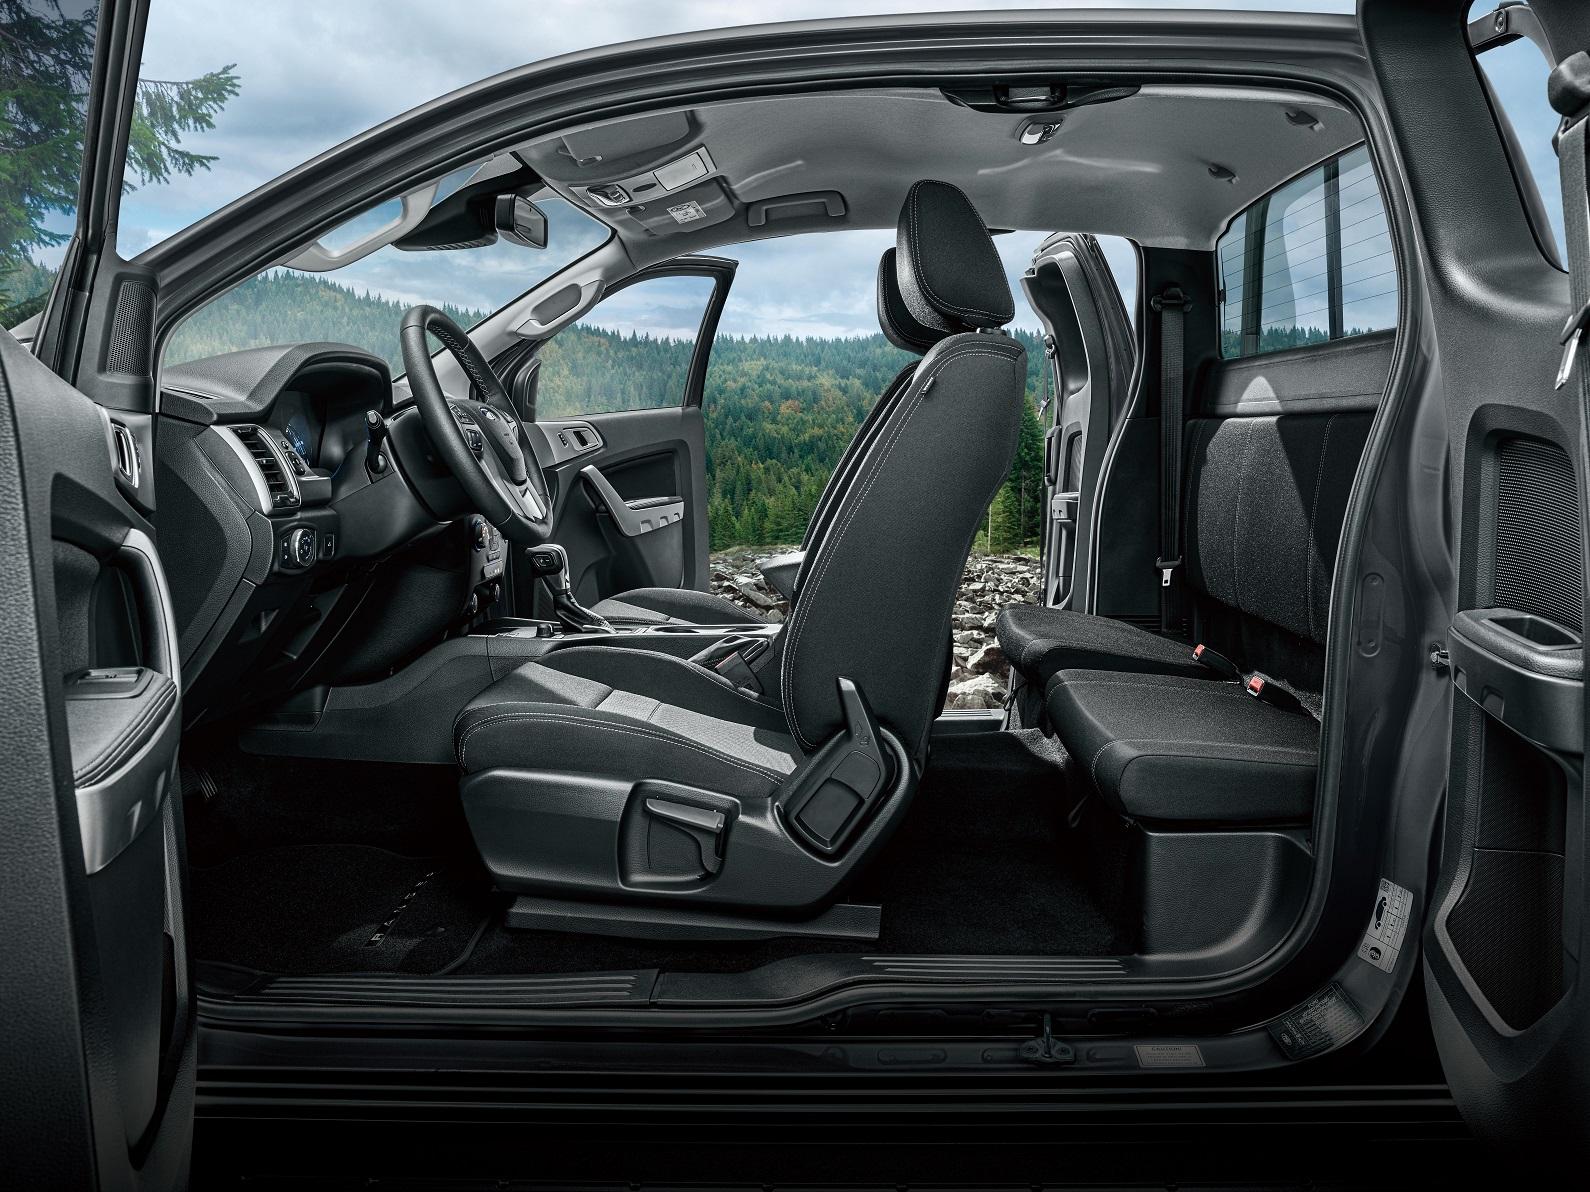 21 年式 Ford Ranger職人型採用獨特的一廂半車身座艙與中央對開式車門設計,採用富有多元應用的2+2四座車室空間配置。